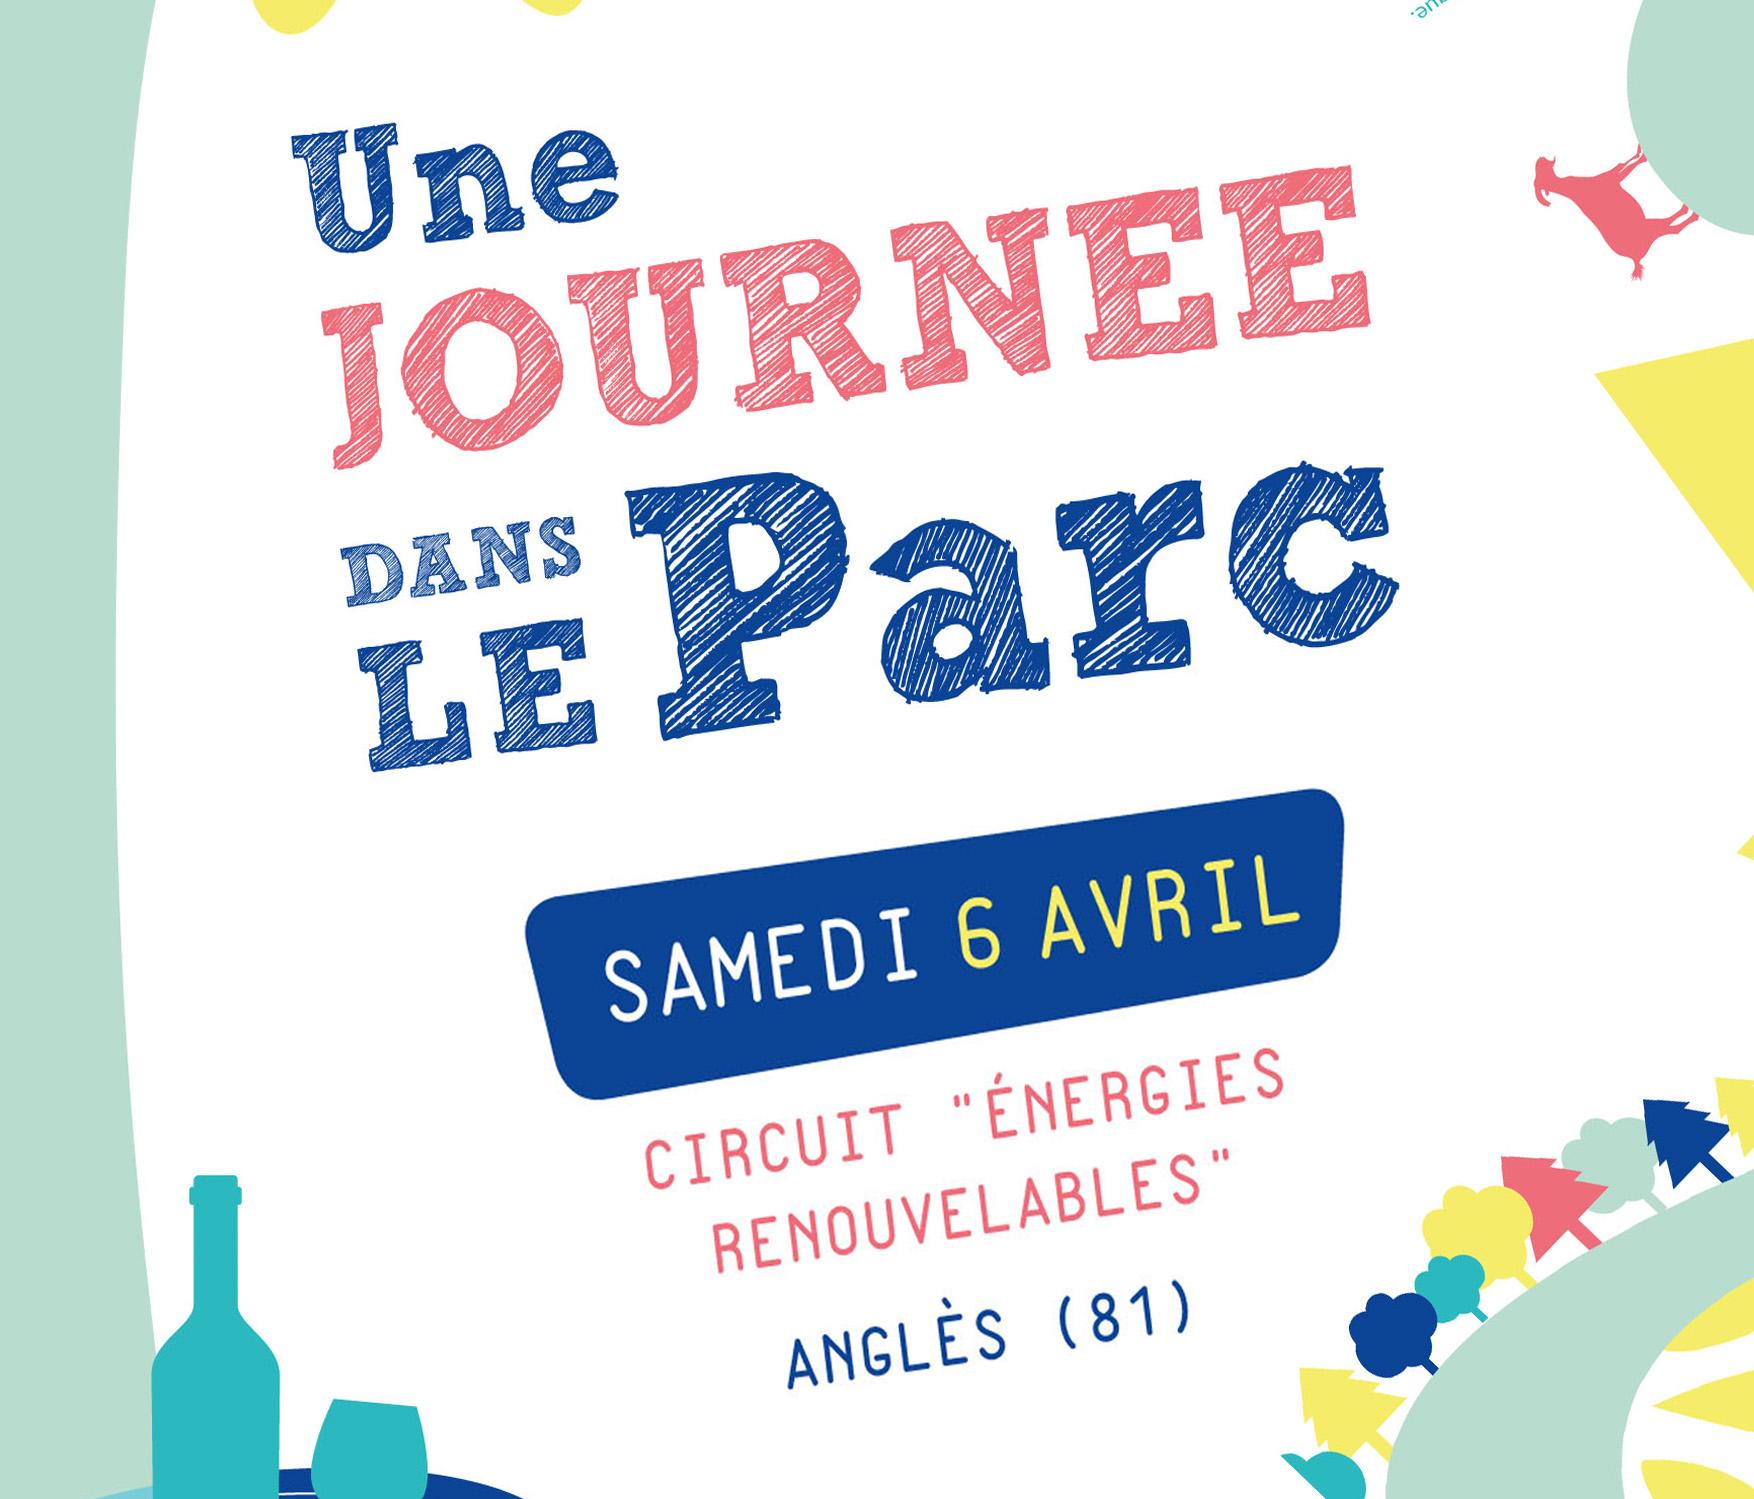 Vignette Une Journée dans le Parc - Circuit Energies renouvelables à Anglès (81) organisé par le Pnr Haut-Languedoc